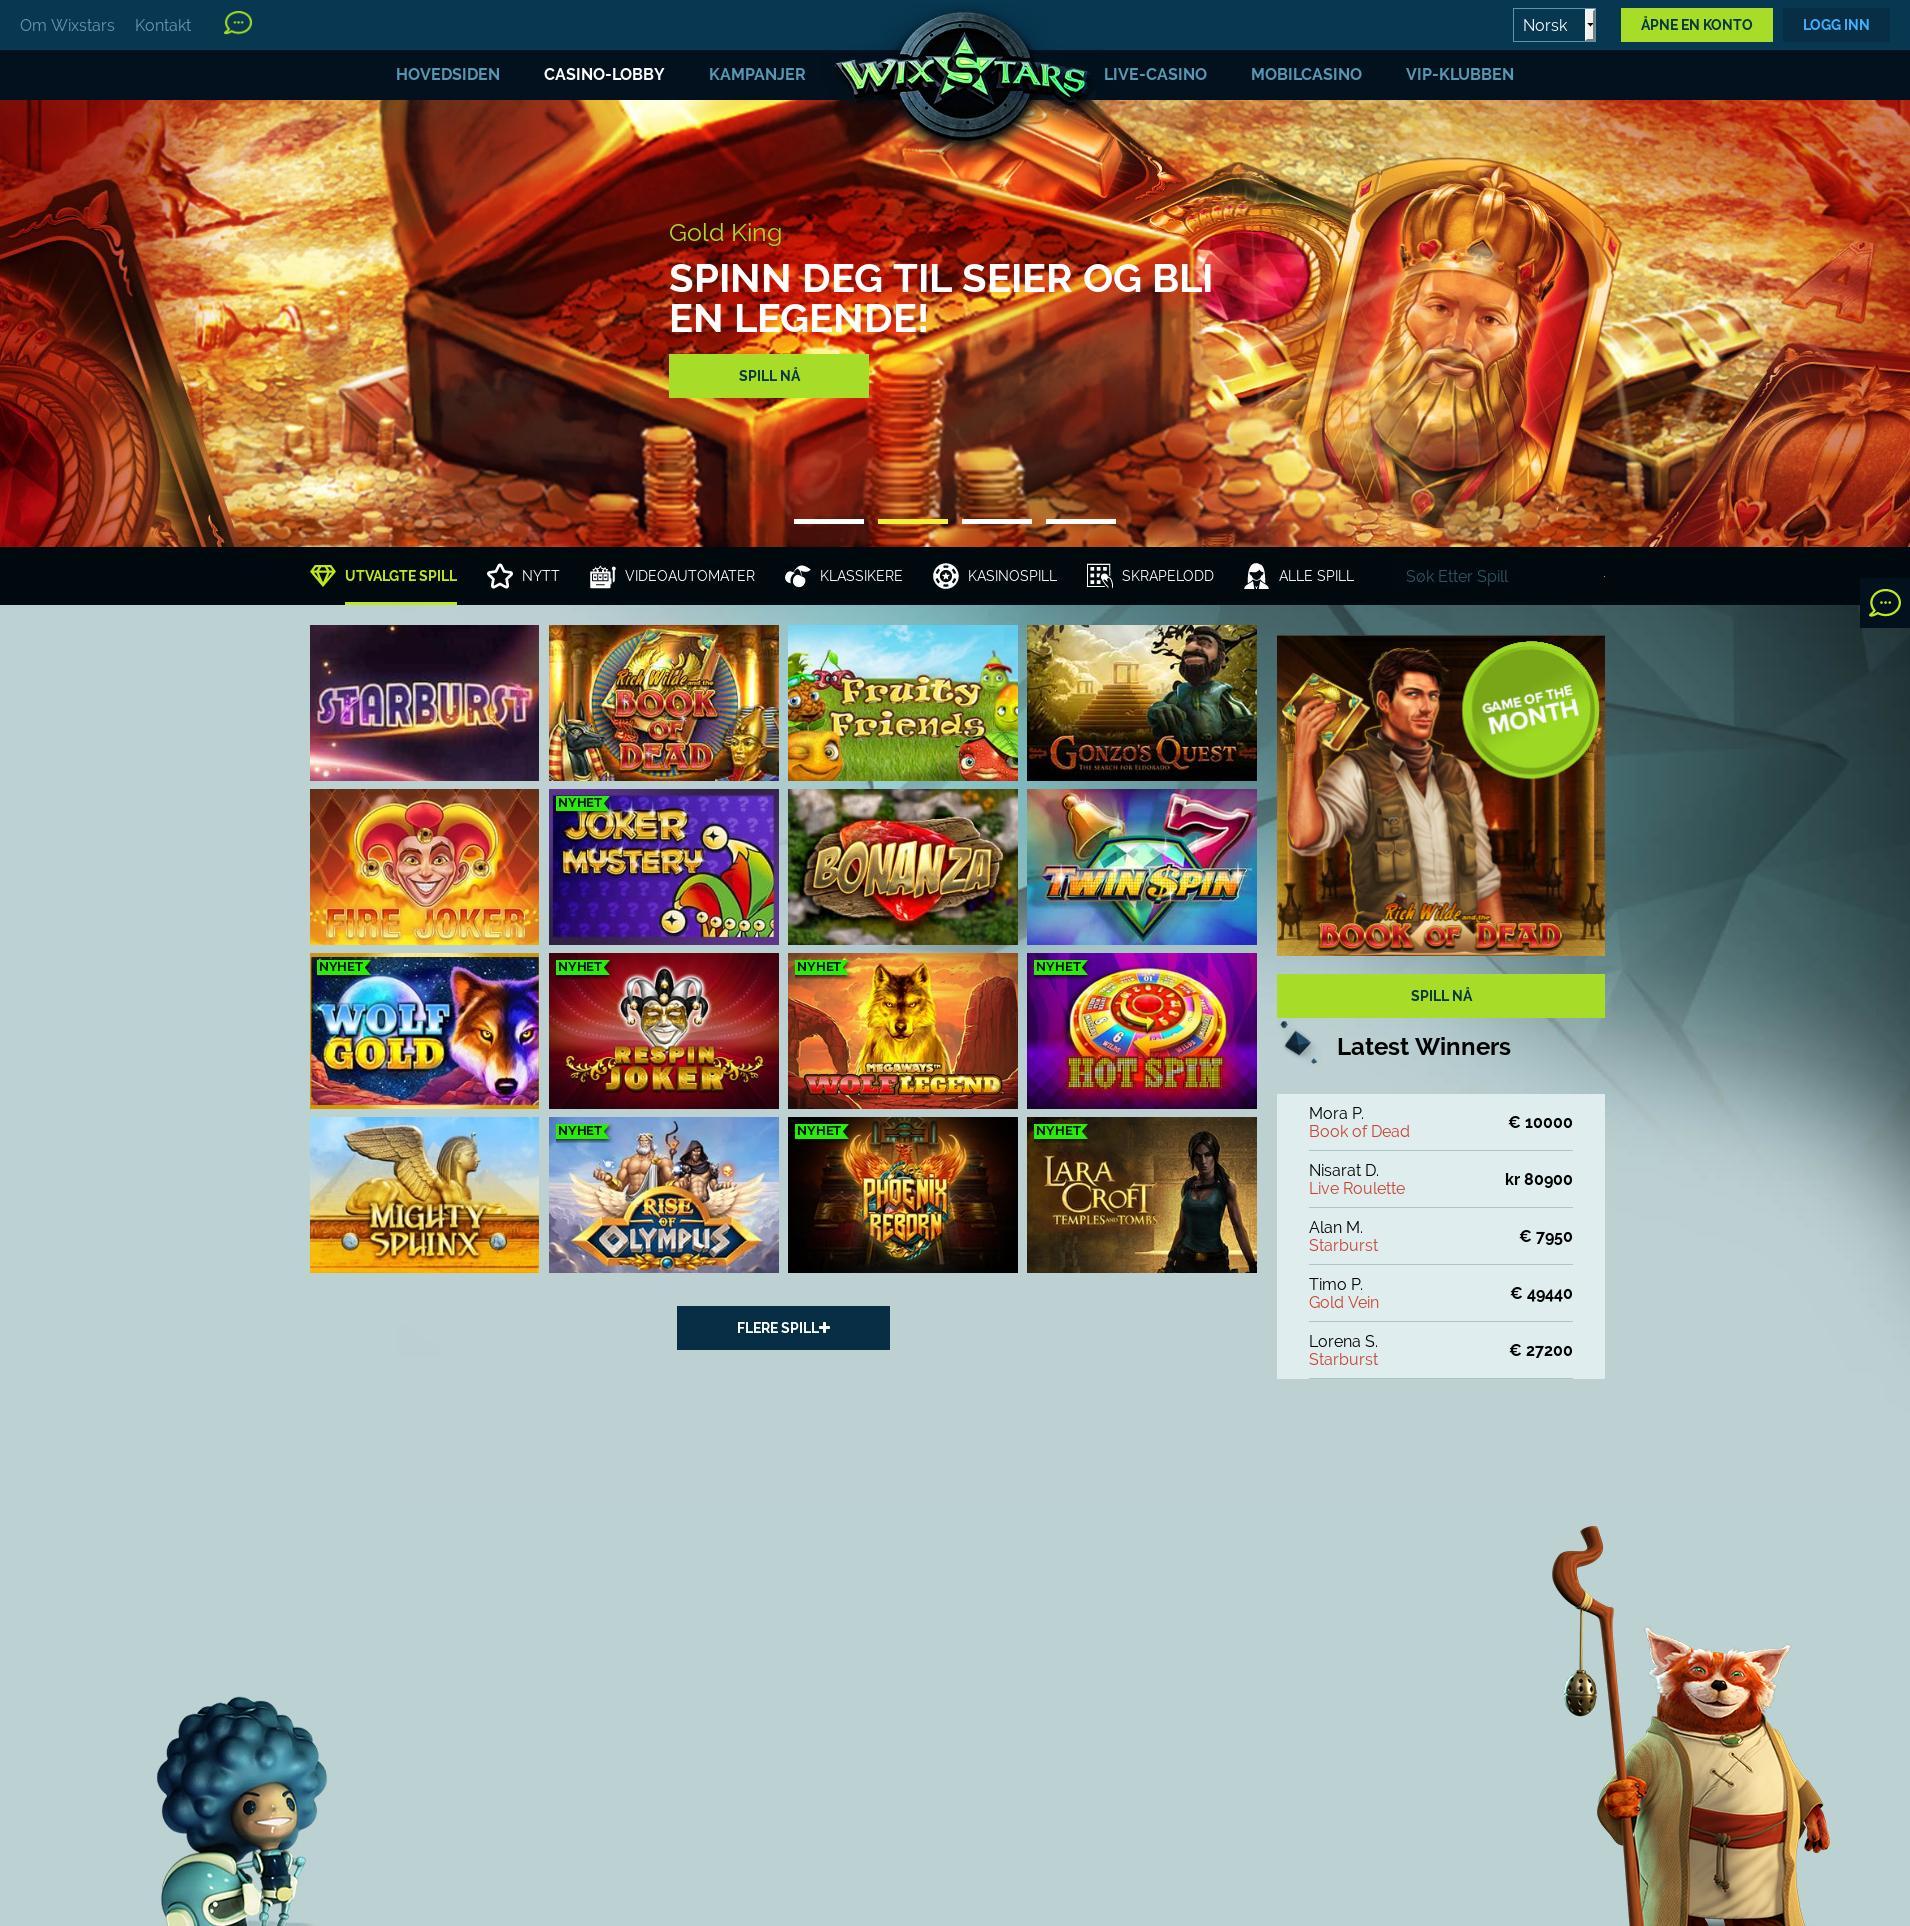 Casino skærm Lobby 2019-07-17 til Danmark